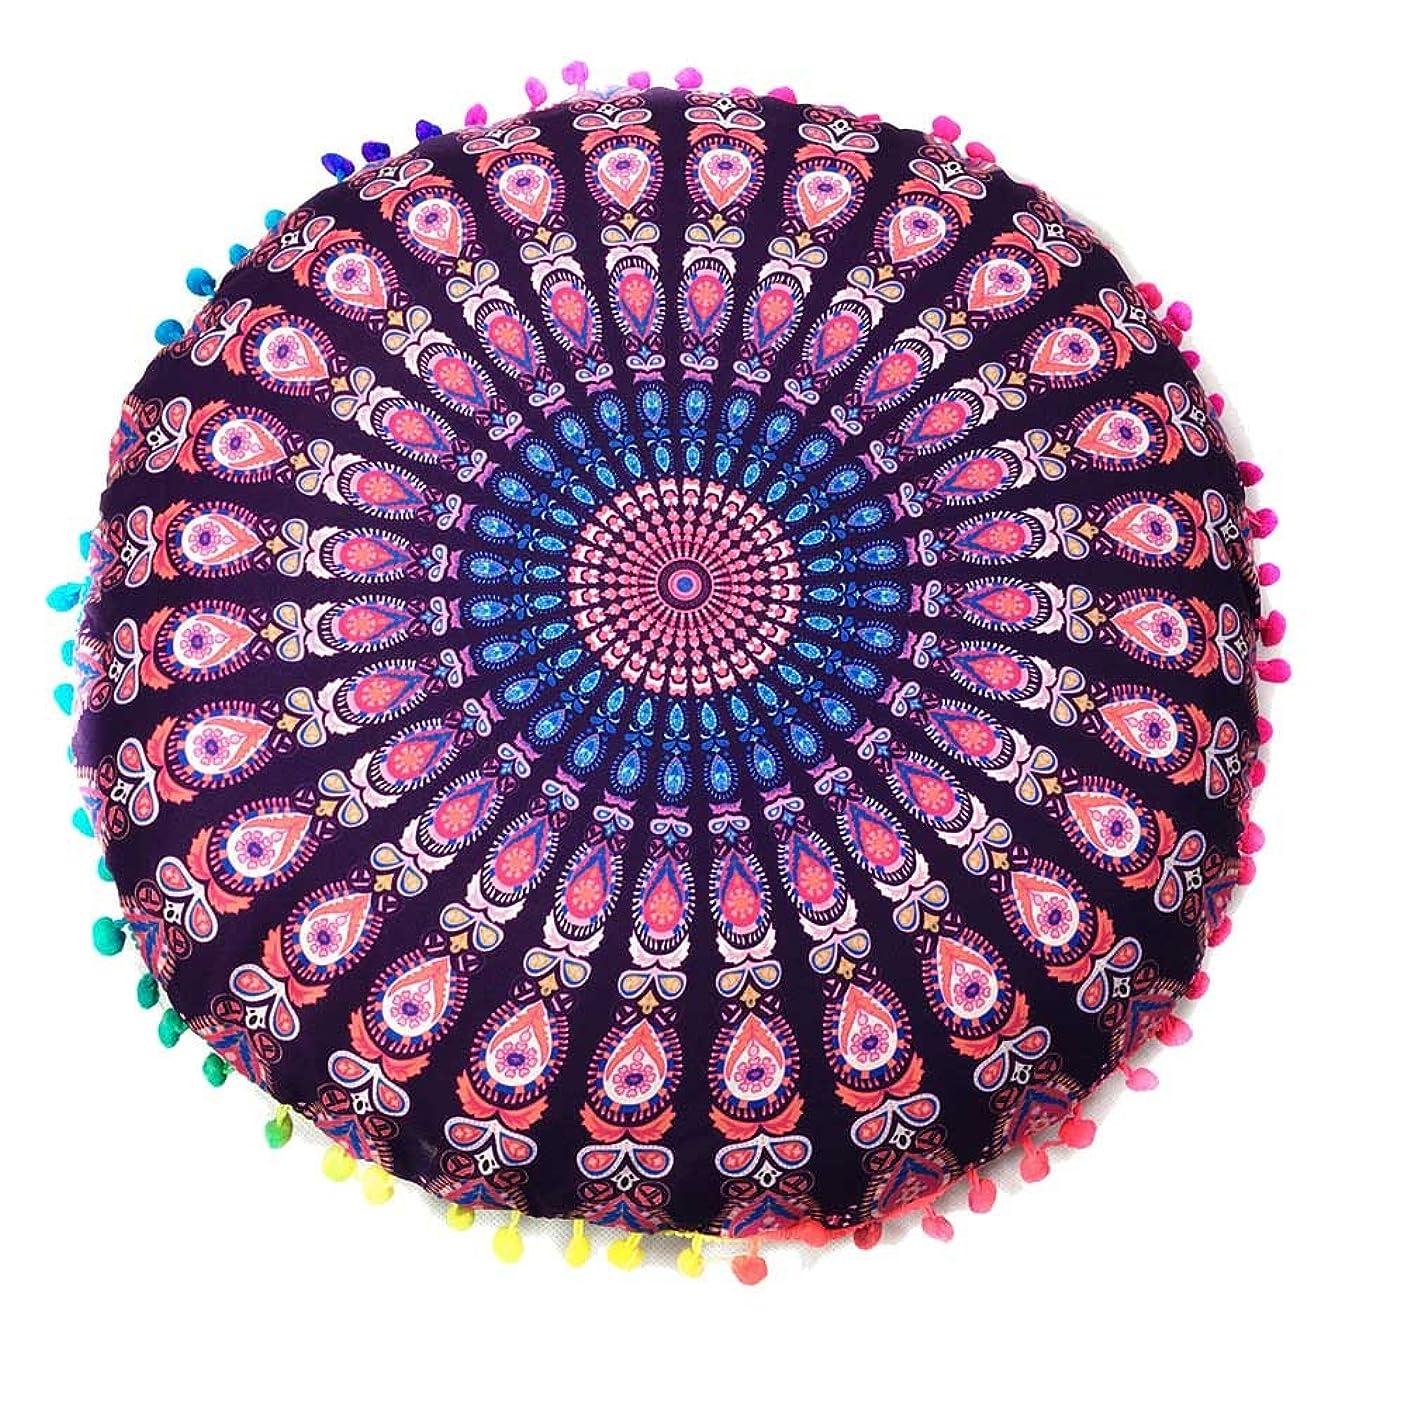 巻き戻すびっくりしたガイダンスクリアランスIndian Mandala床枕、細めラウンドボヘミアンクッションカバーケース 43*43cm/(17.0*17.0